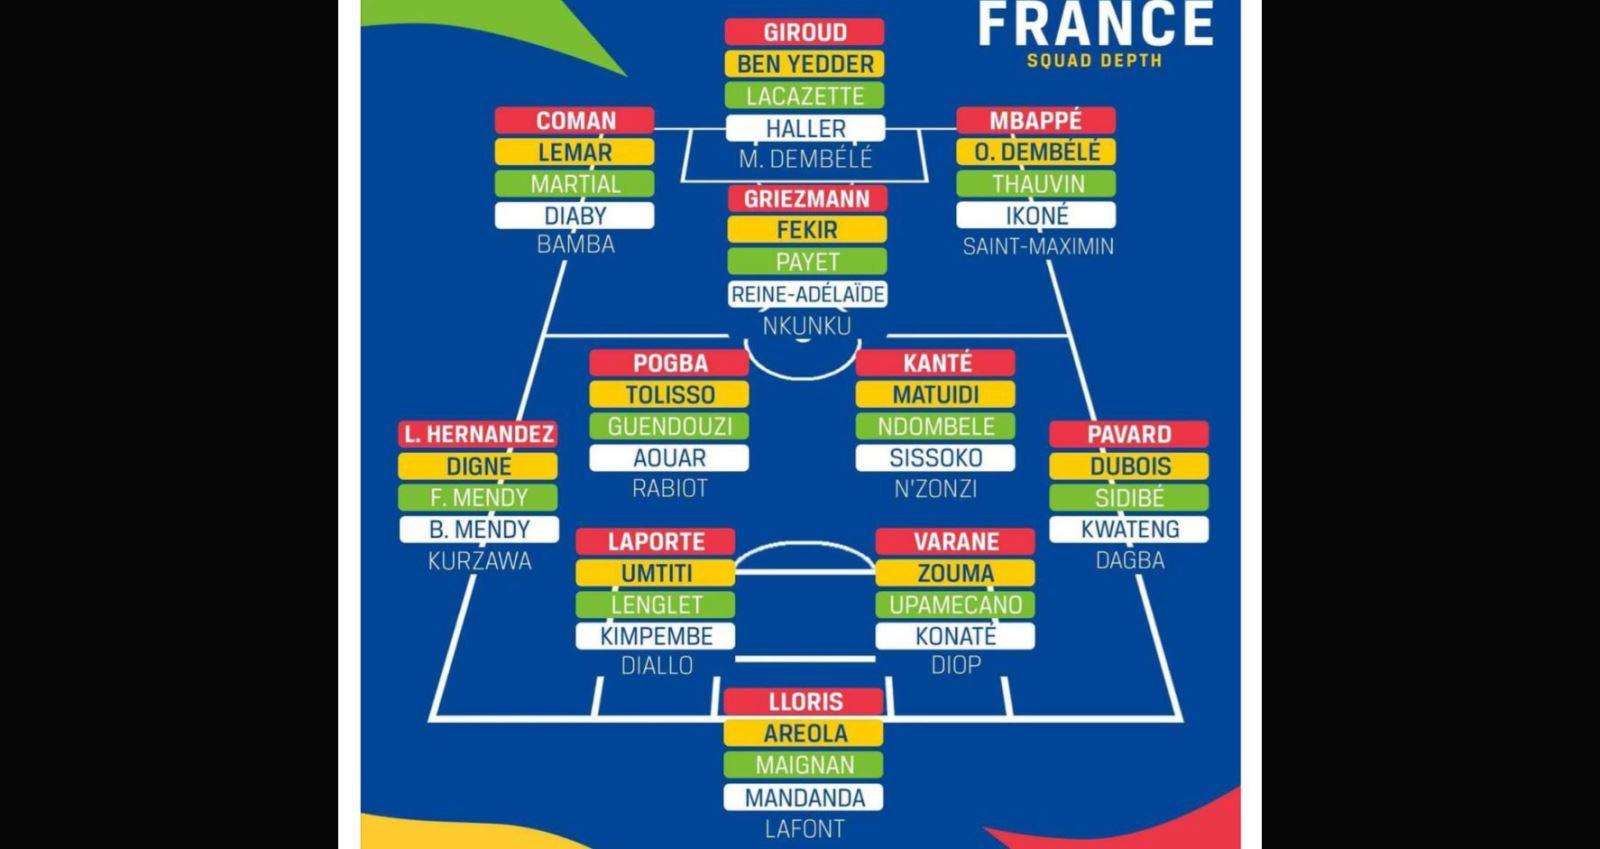 Pháp, World Cup, Euro, Deschamps, Didier Deschamps, bóng đá, bóng đá hôm nay, lịch thi đấu